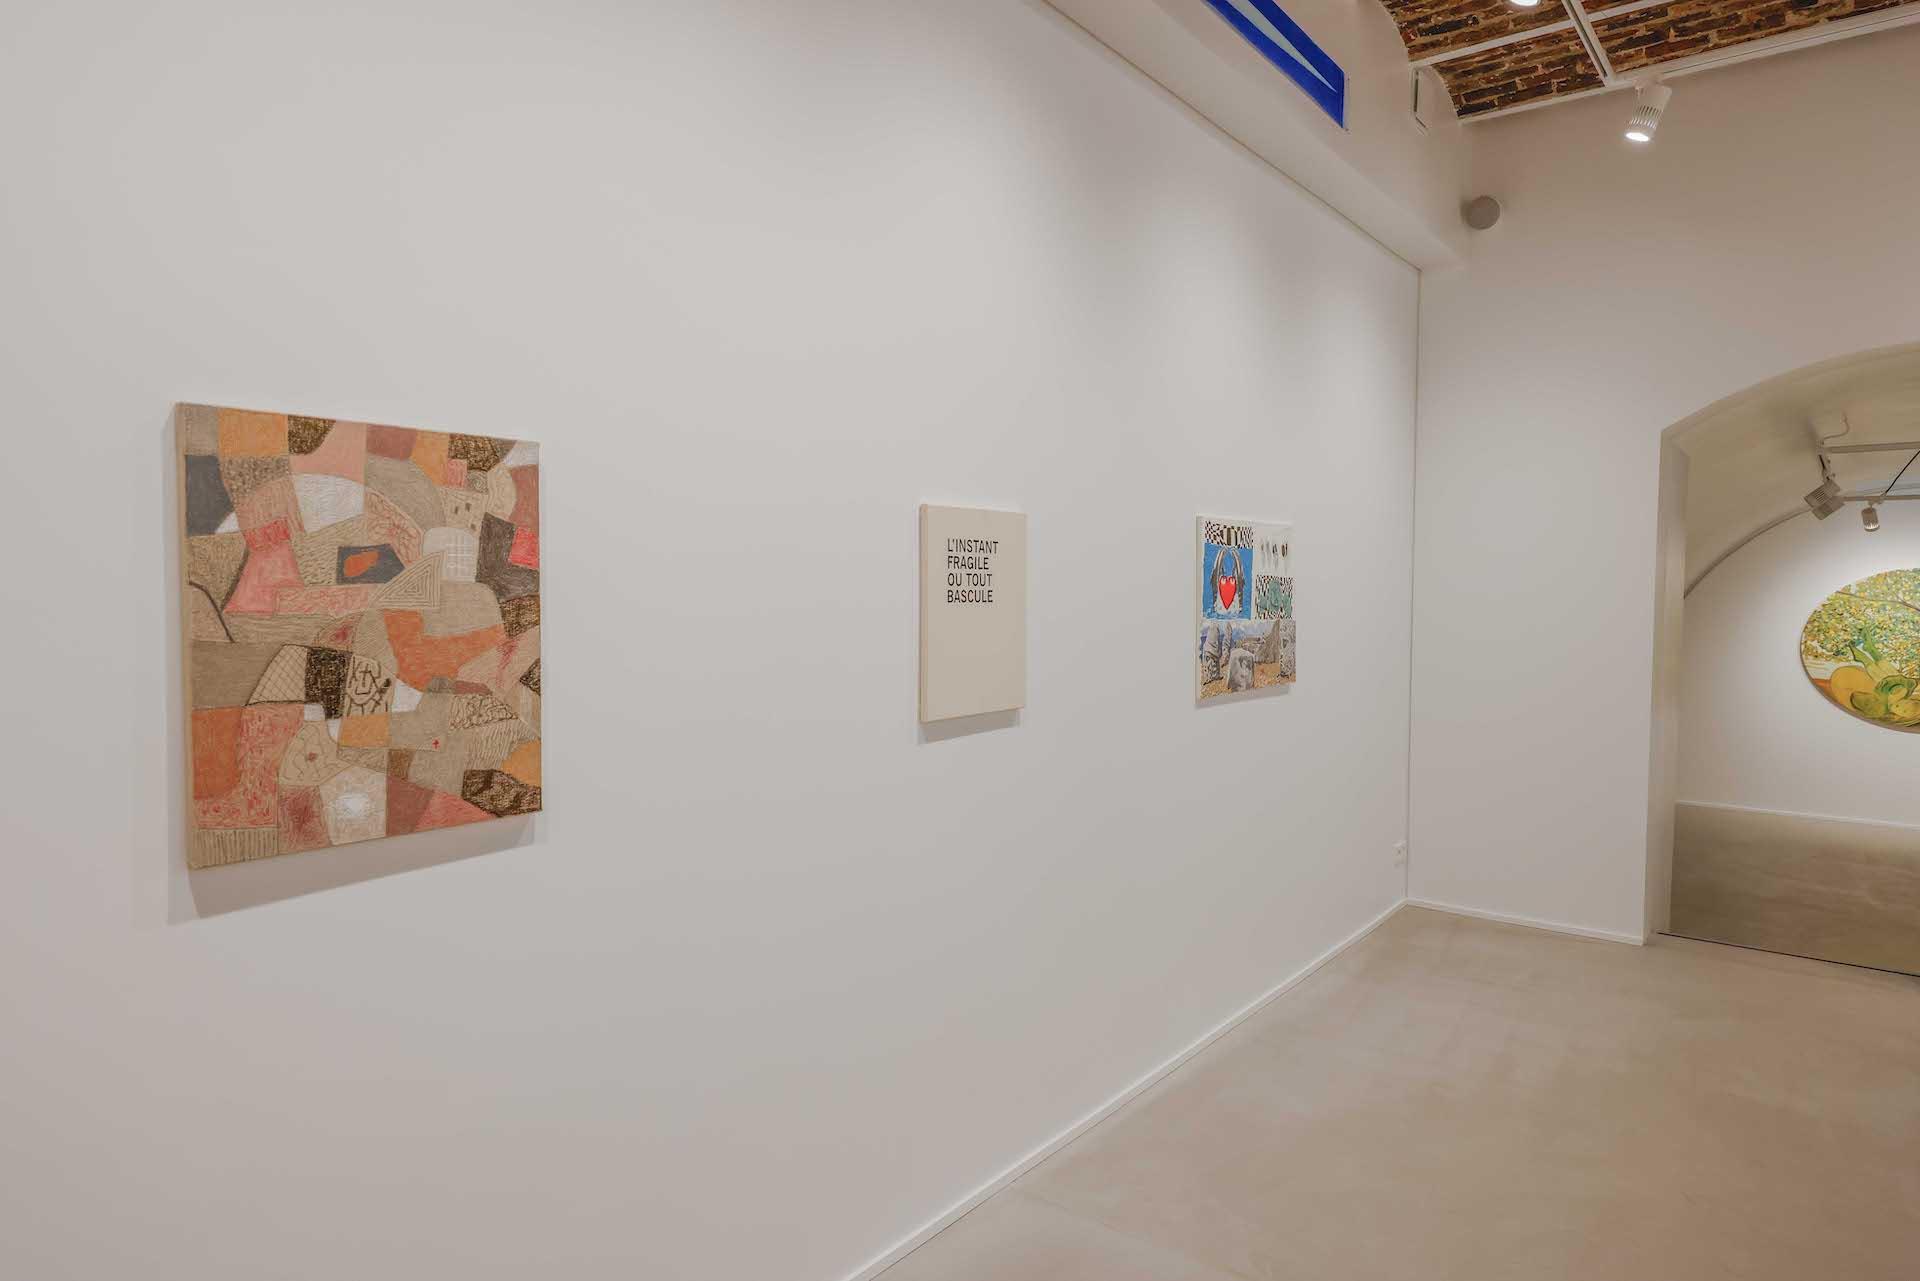 Galerie d'art CDNA